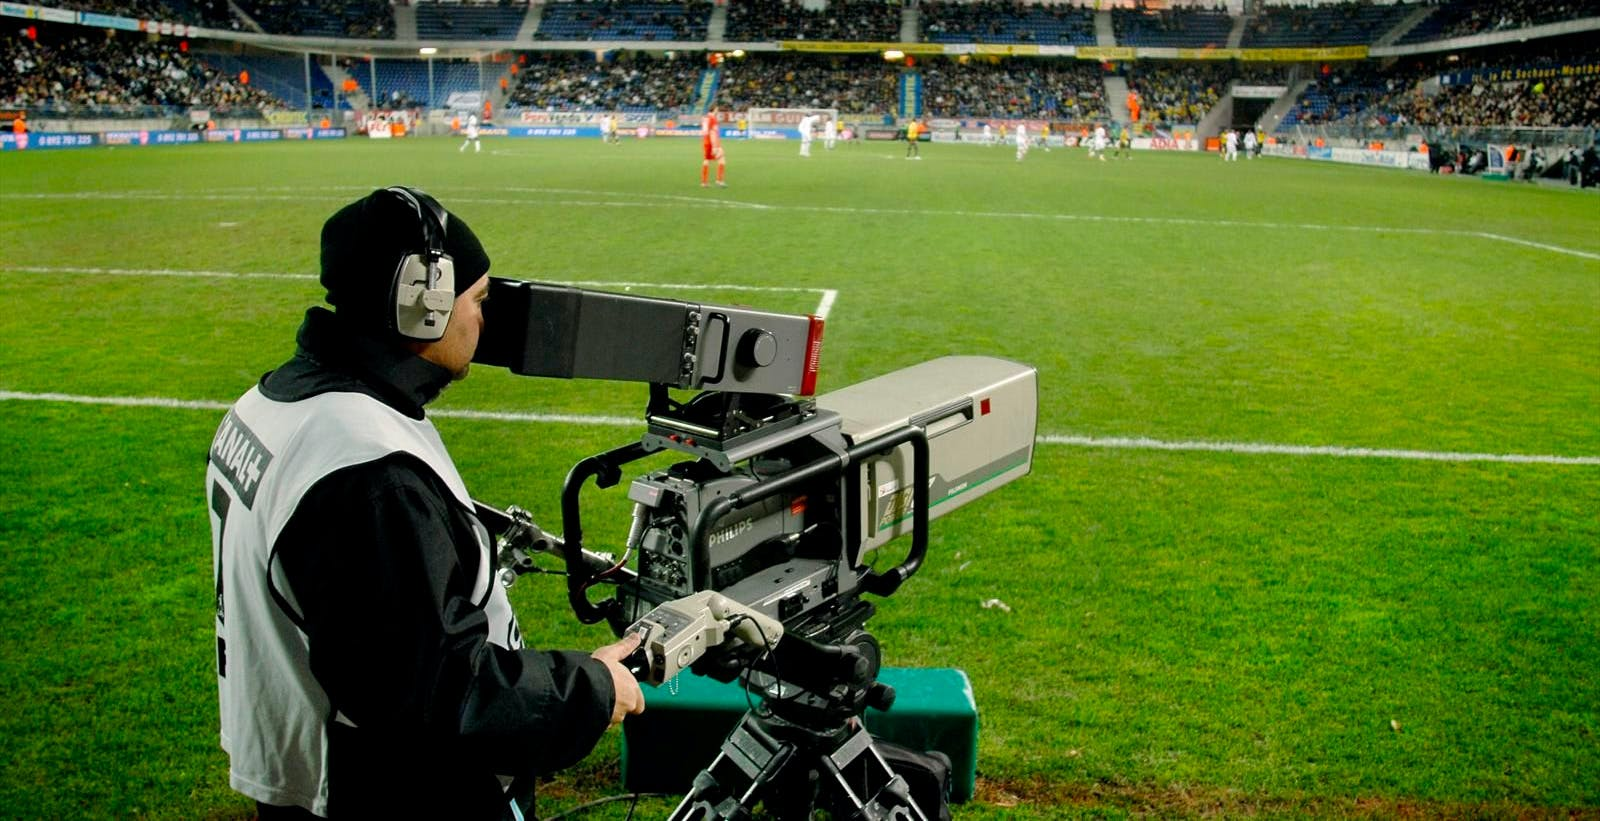 Le mani di Dazn e TIM sulla serie A. Nodo prezzo: la Lega non vuole il calcio a 9.90 euro